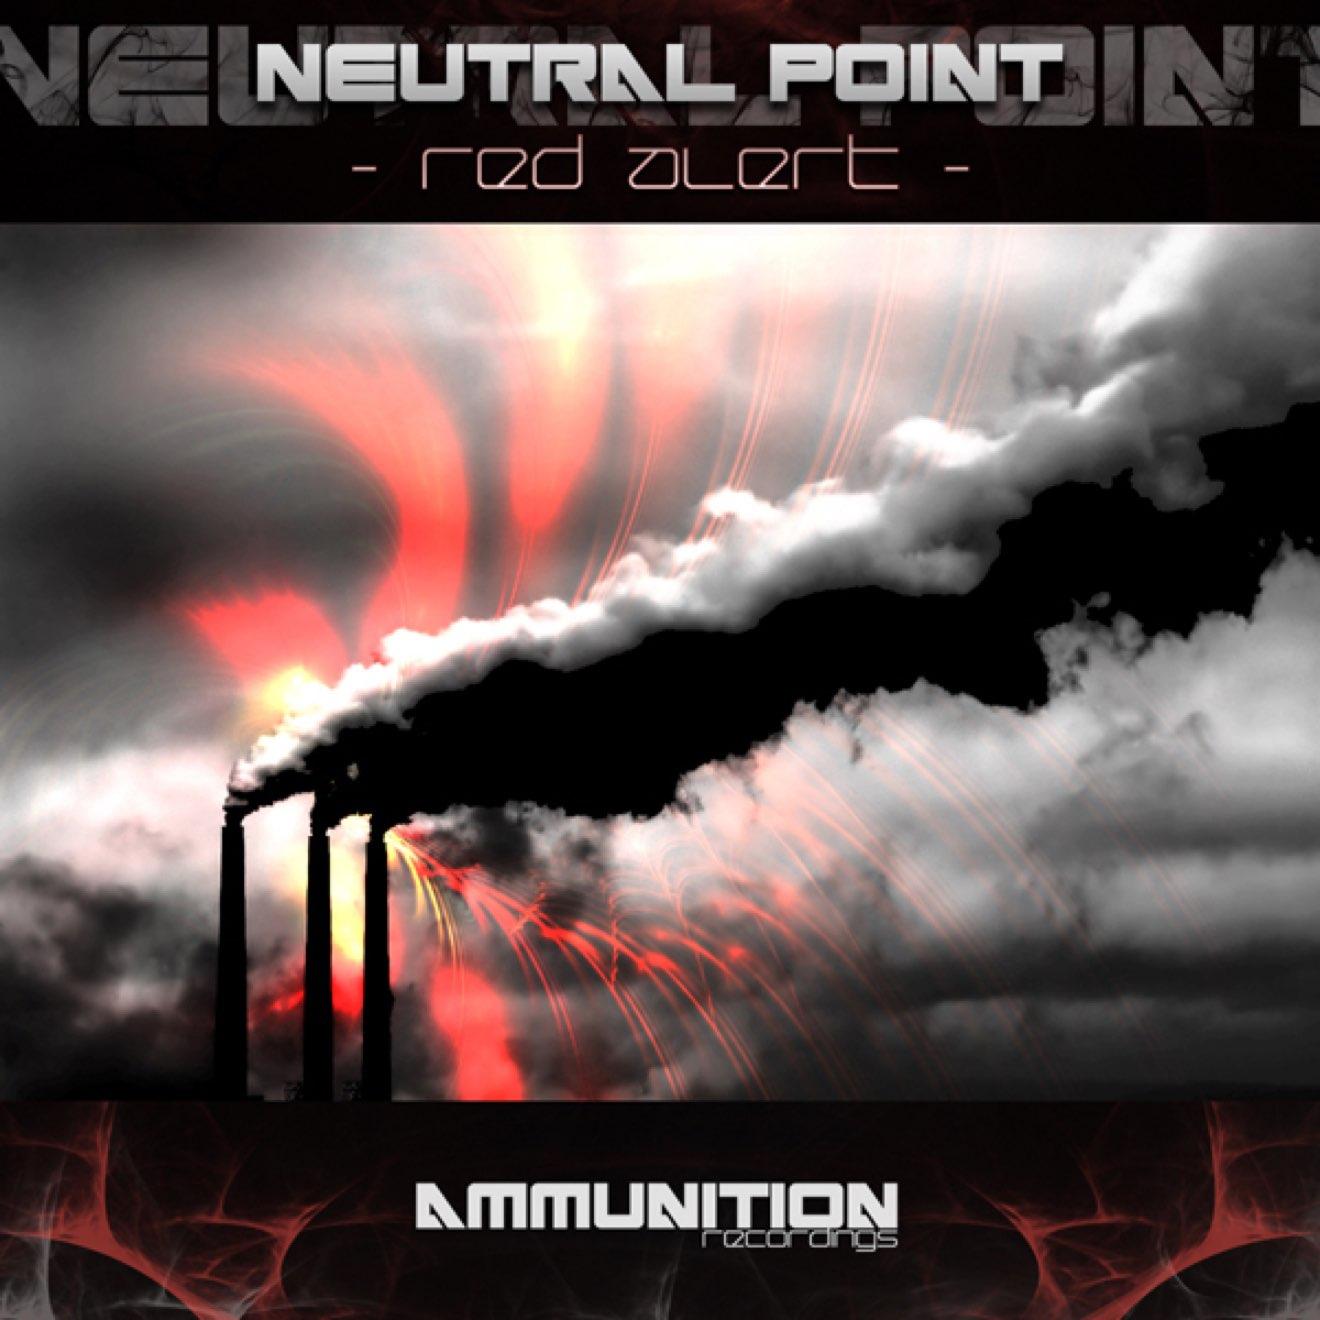 Neutral Point